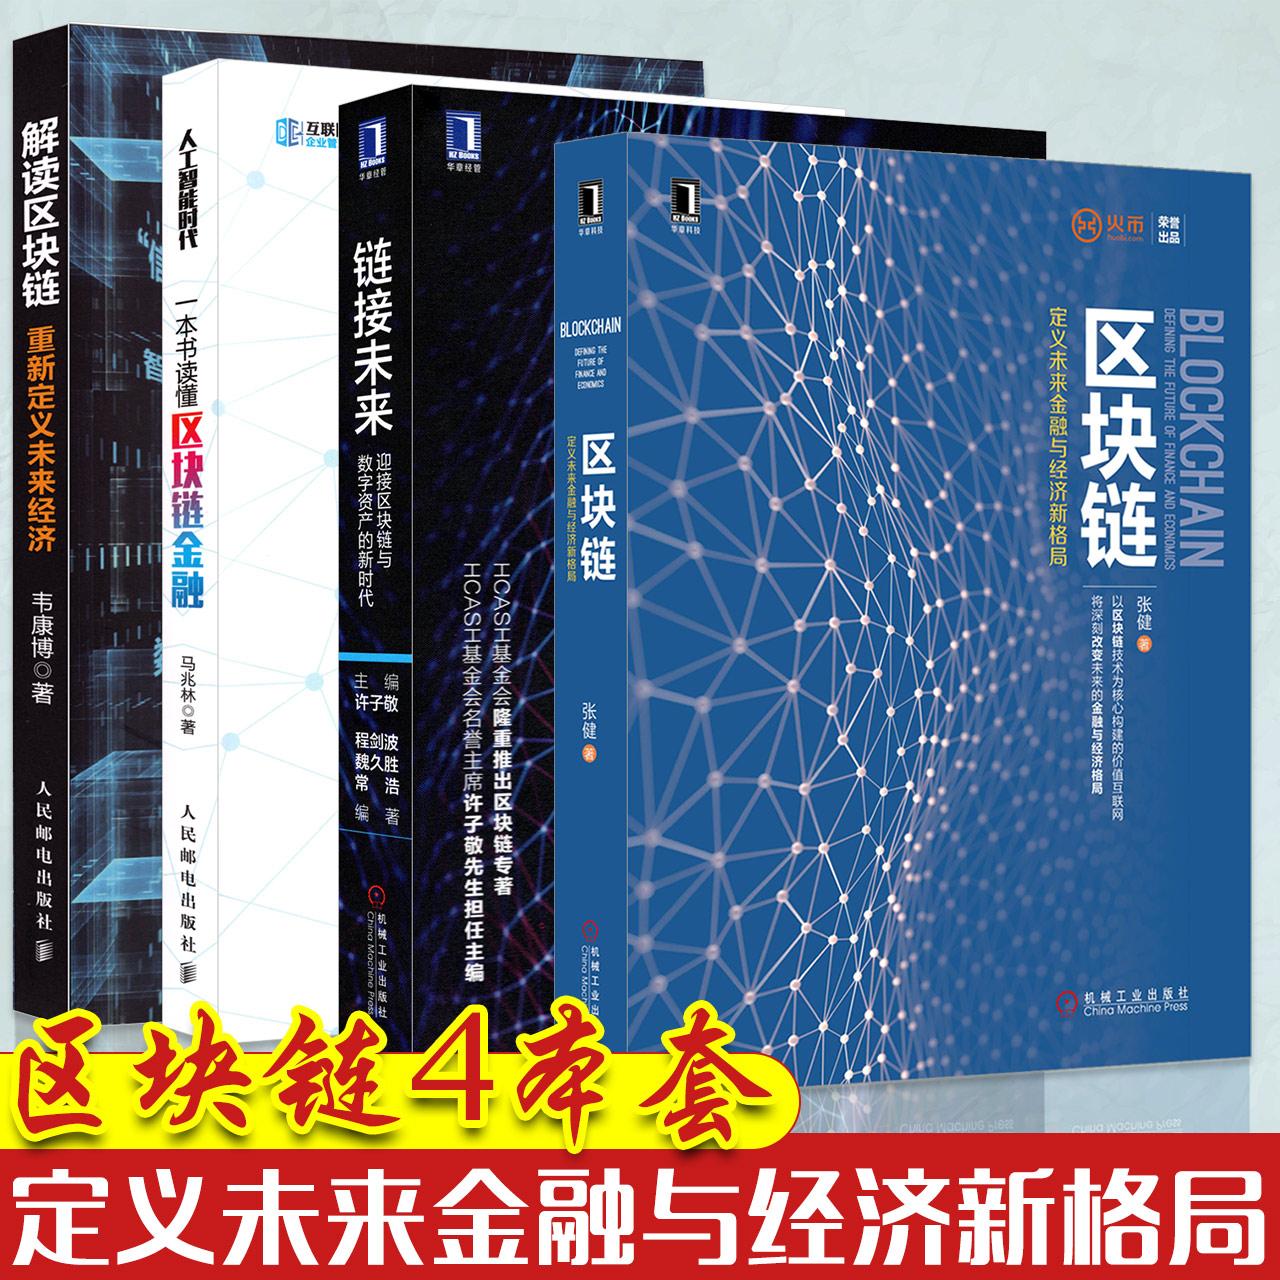 4本套 区块链 链接未来 解读区块链金融 比特币投资理财 区块链数字货币投资指南 区块链白皮书技术的应用与未来 货币经济管理书籍